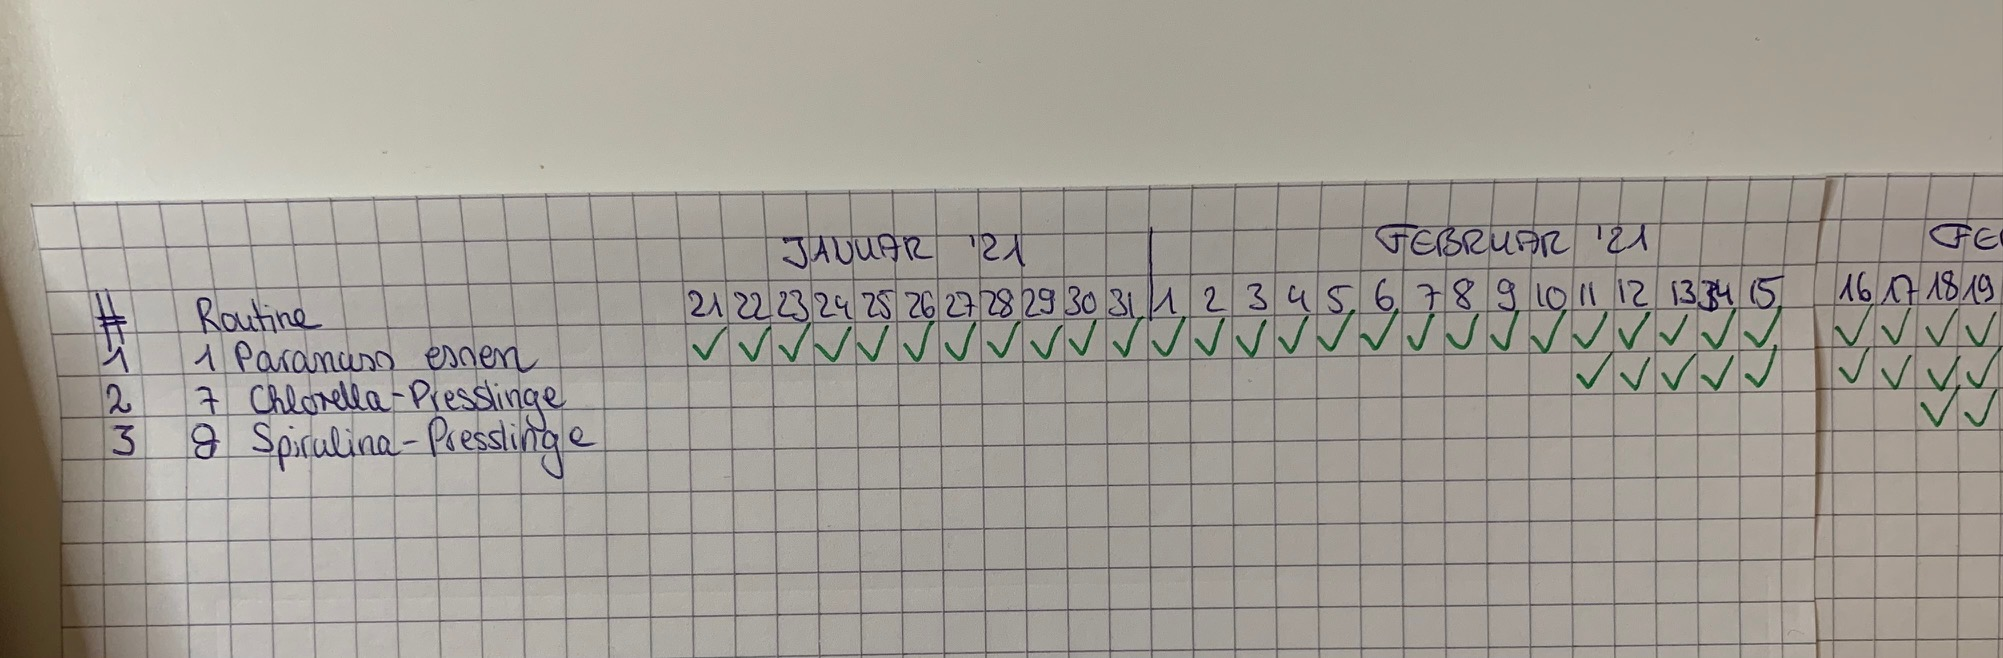 3. Routine: 8 Spirulina-Presslinge täglich